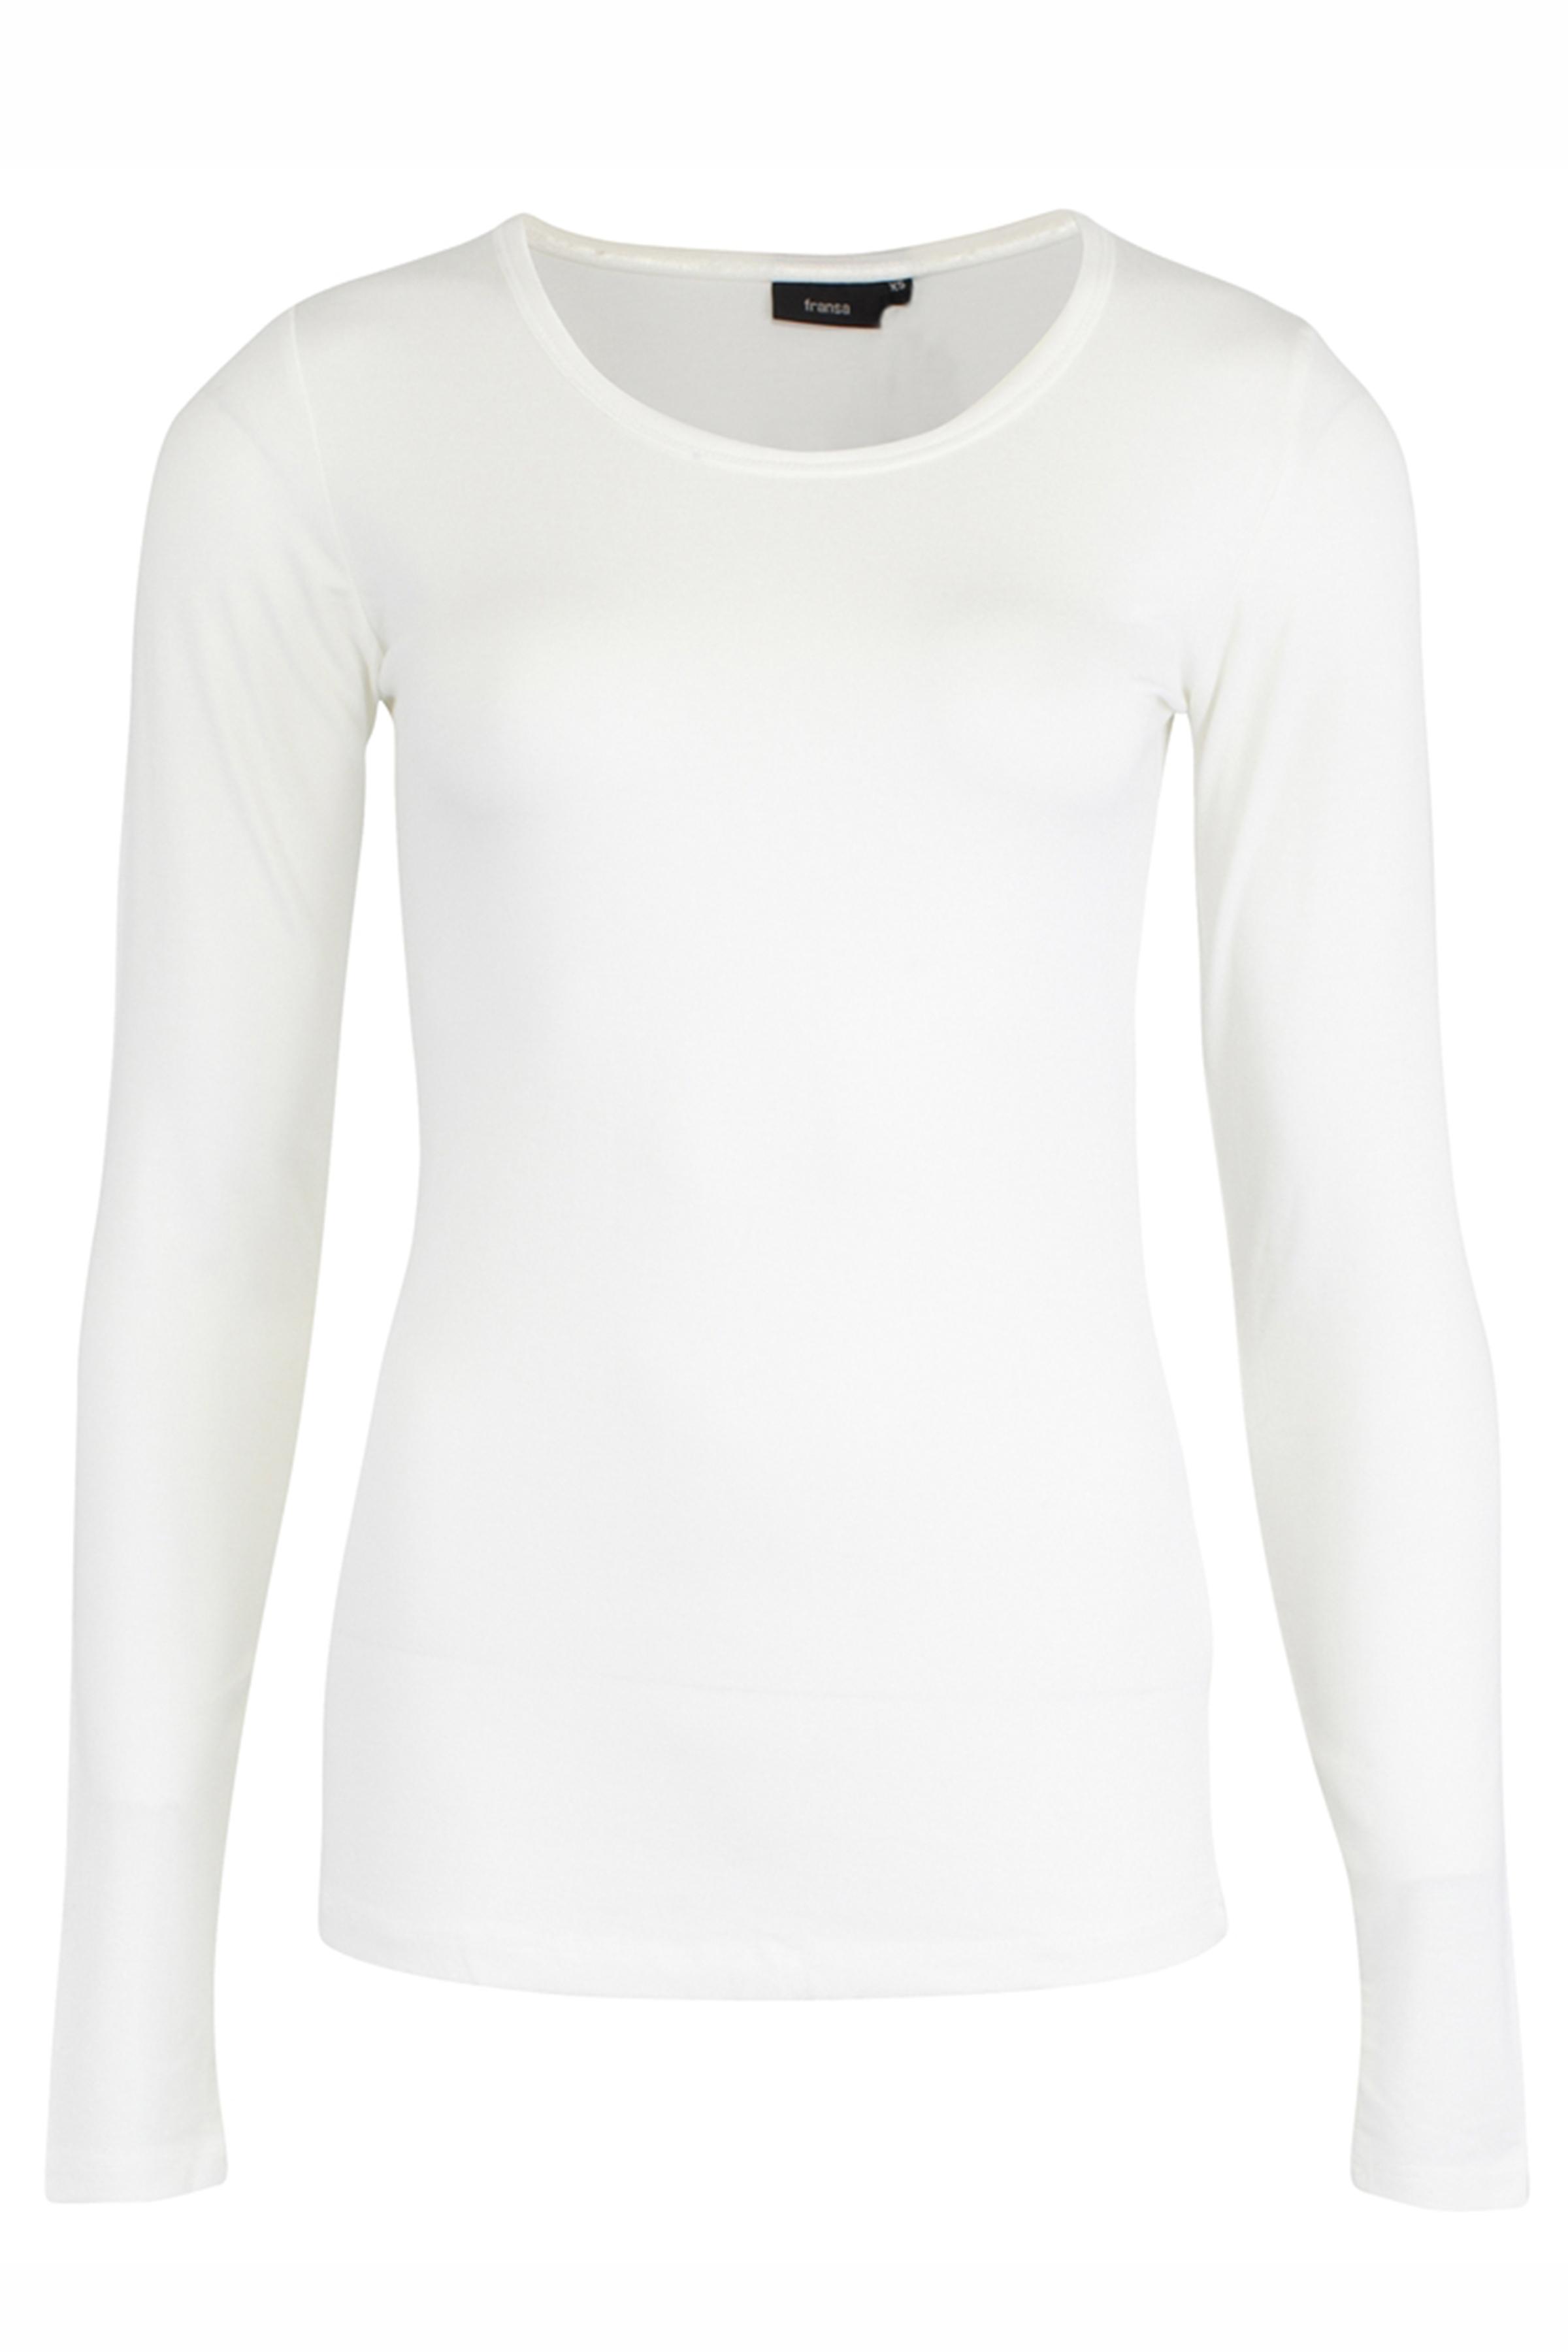 Fransa Dame Langærmet T-shirt - Off-white